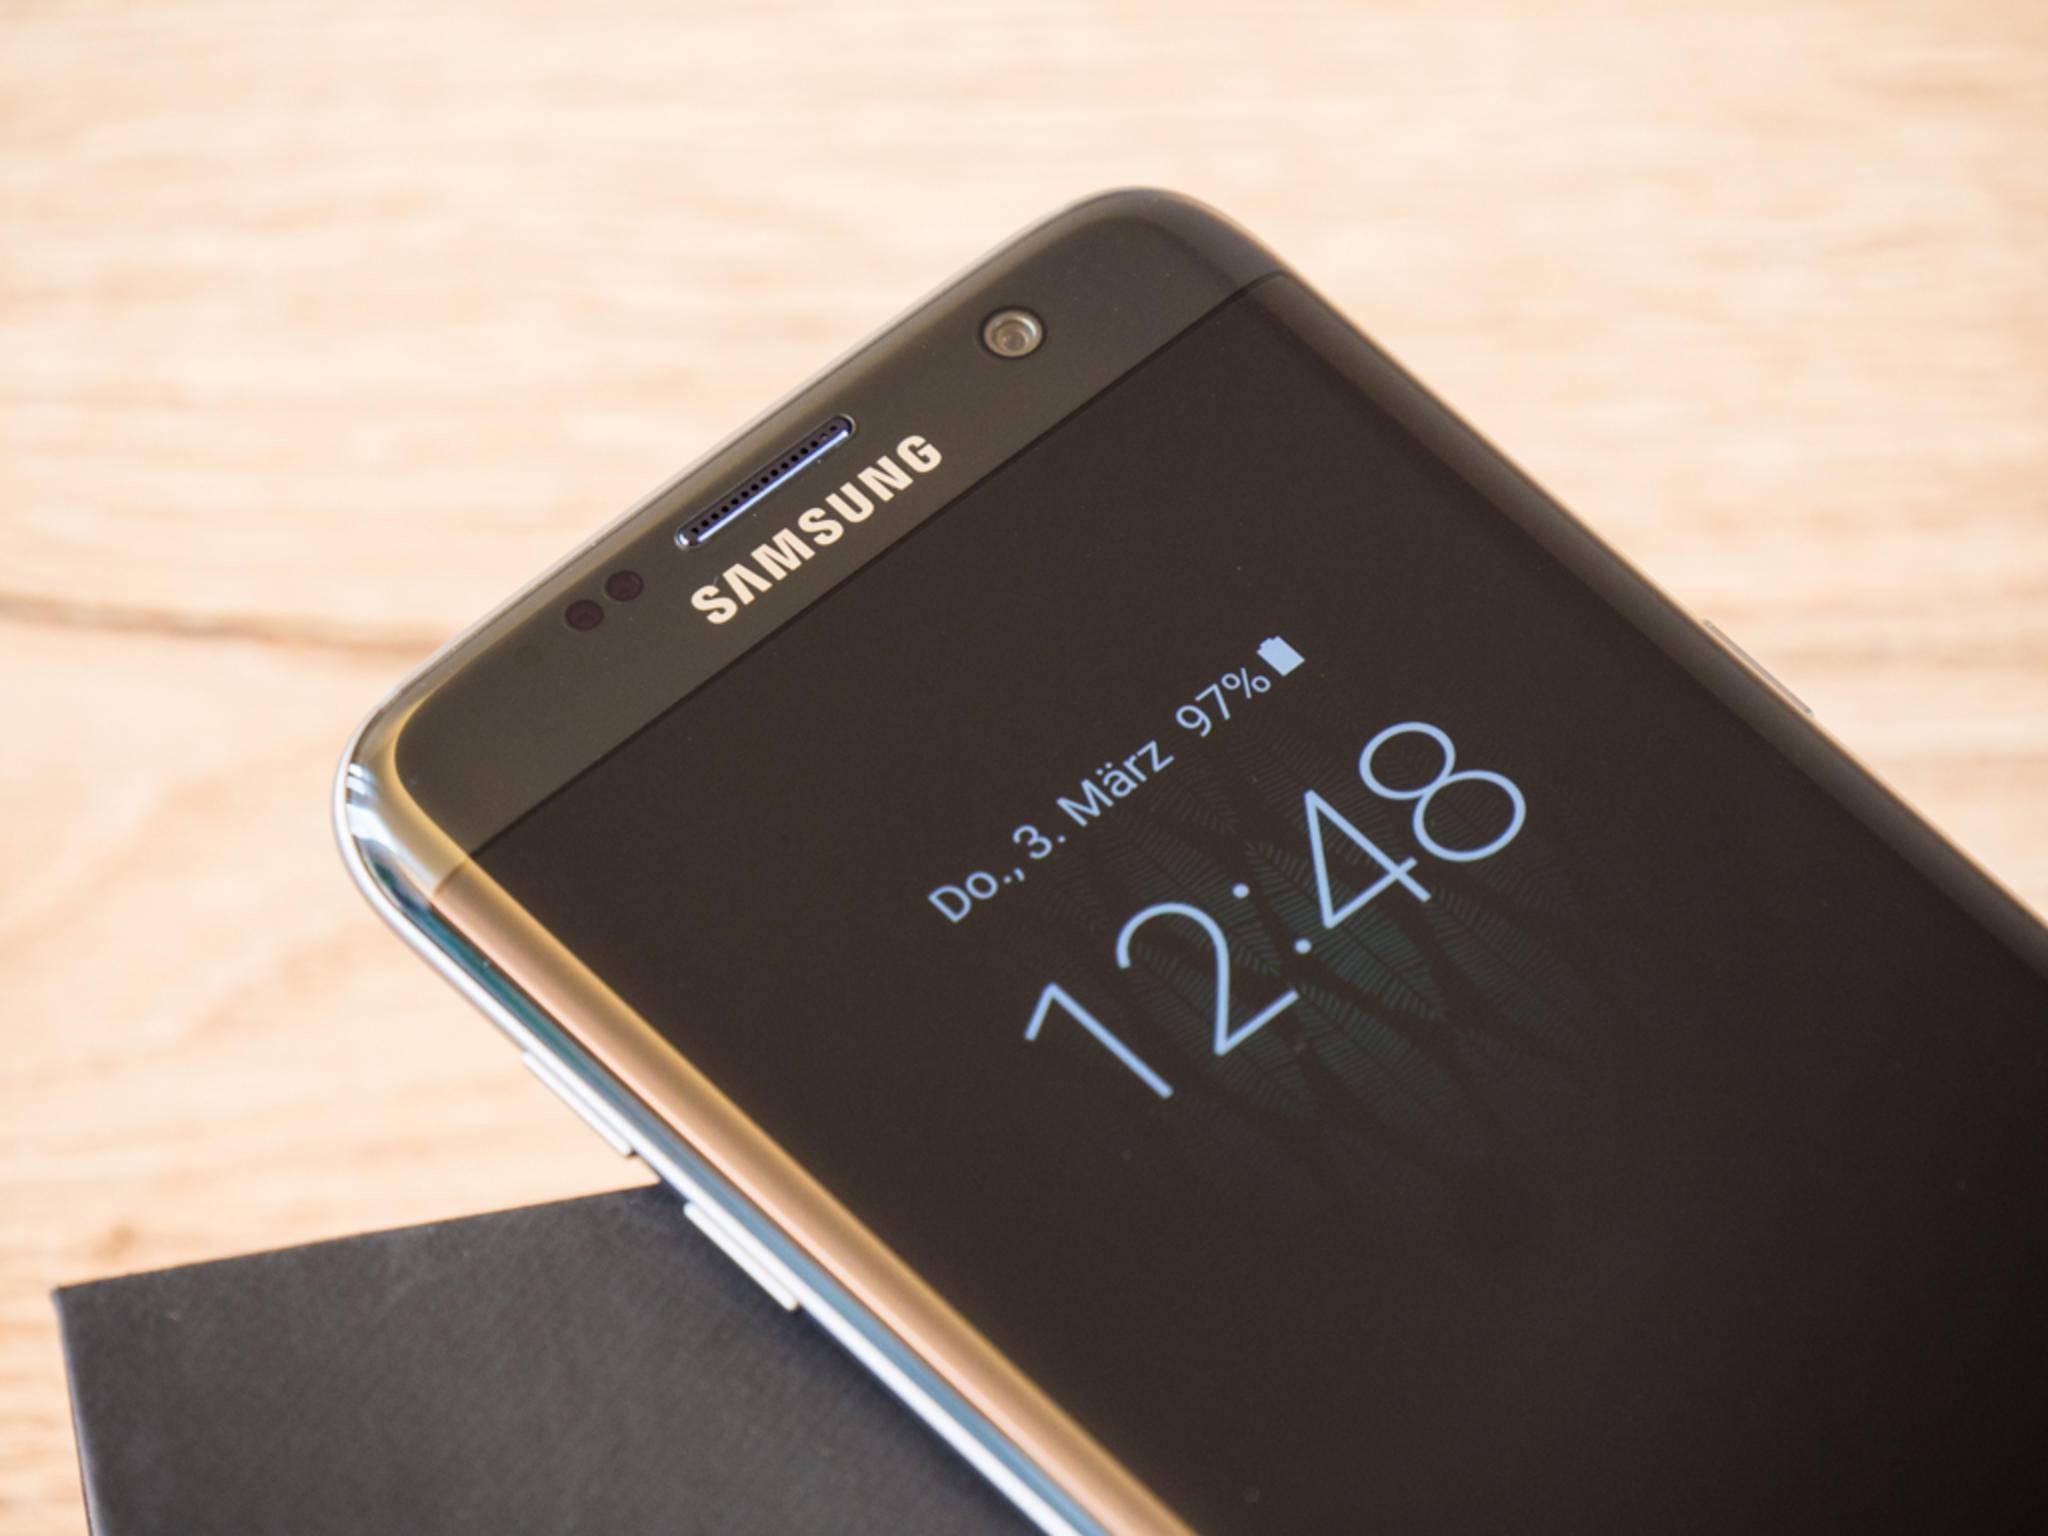 Das Always On-Display lässt sich beim Galaxy S7 deaktivieren.